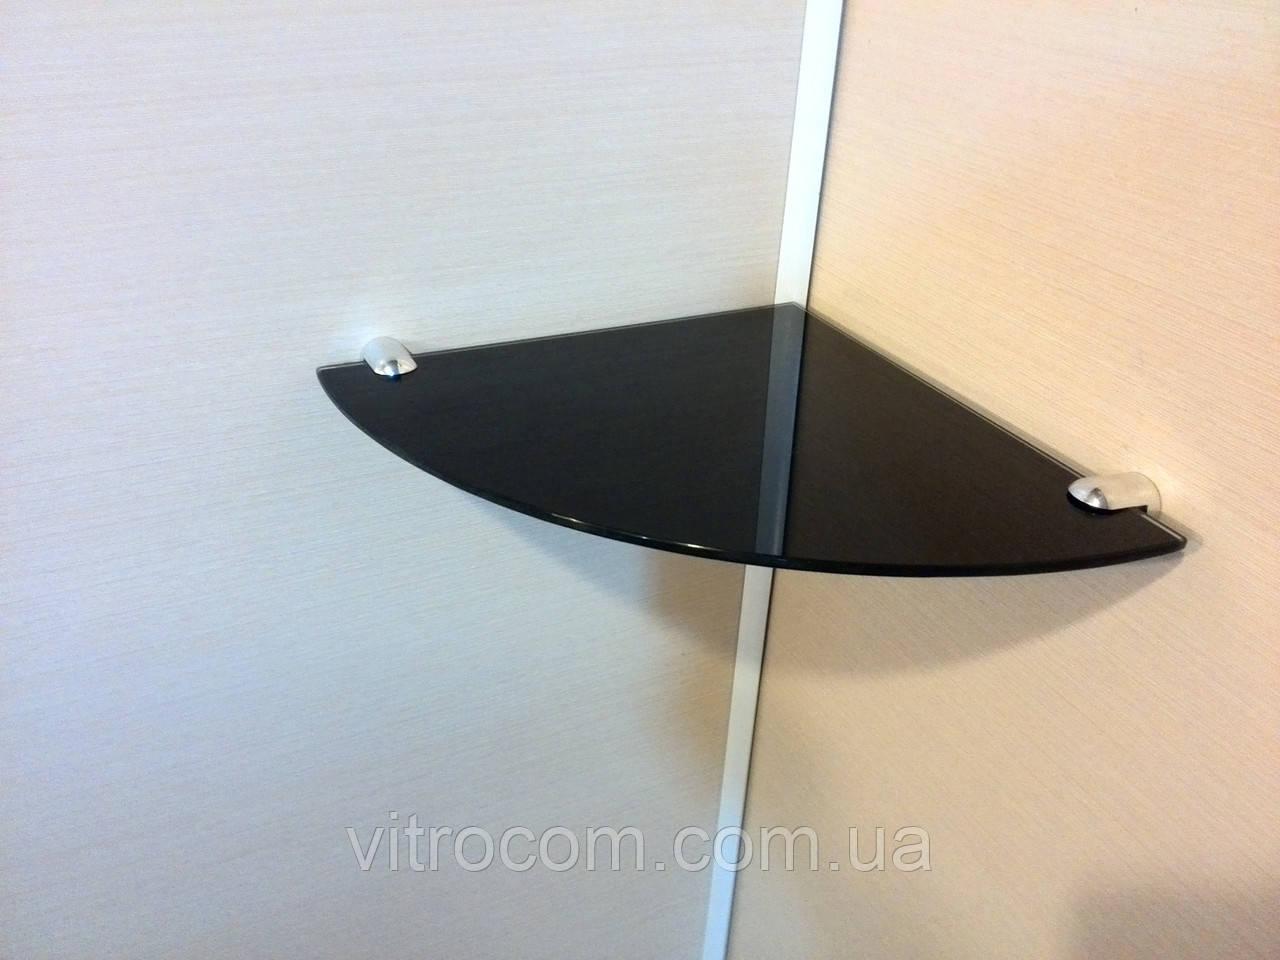 Полка стеклянная угловая 4 мм чёрная 25 х 25 см